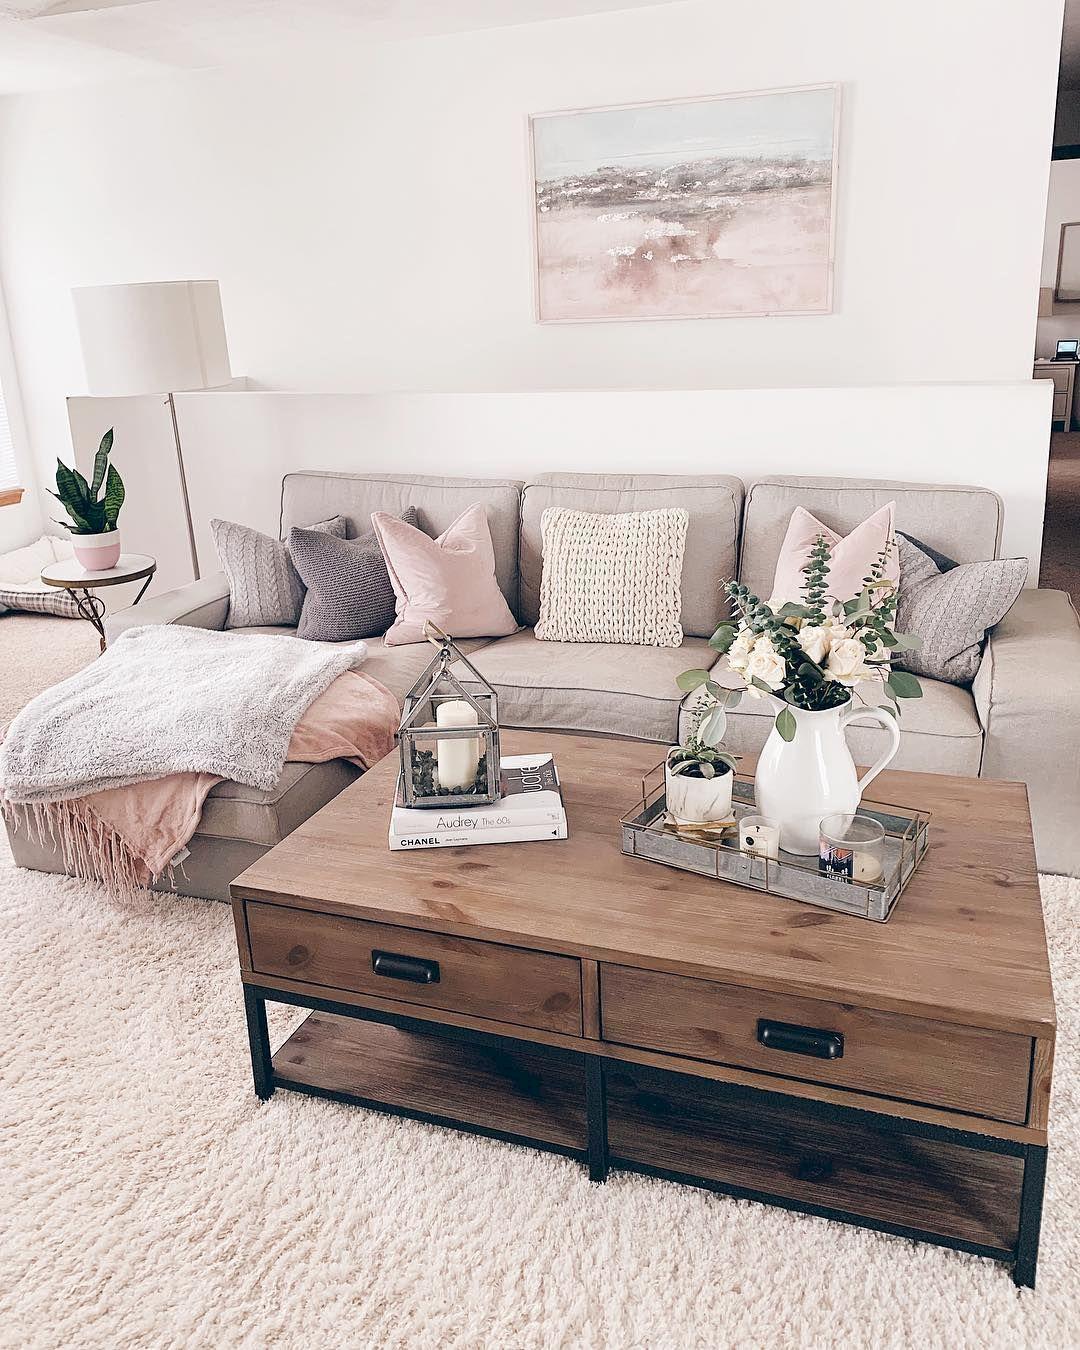 Awesome contemporary living room decor ideas 18